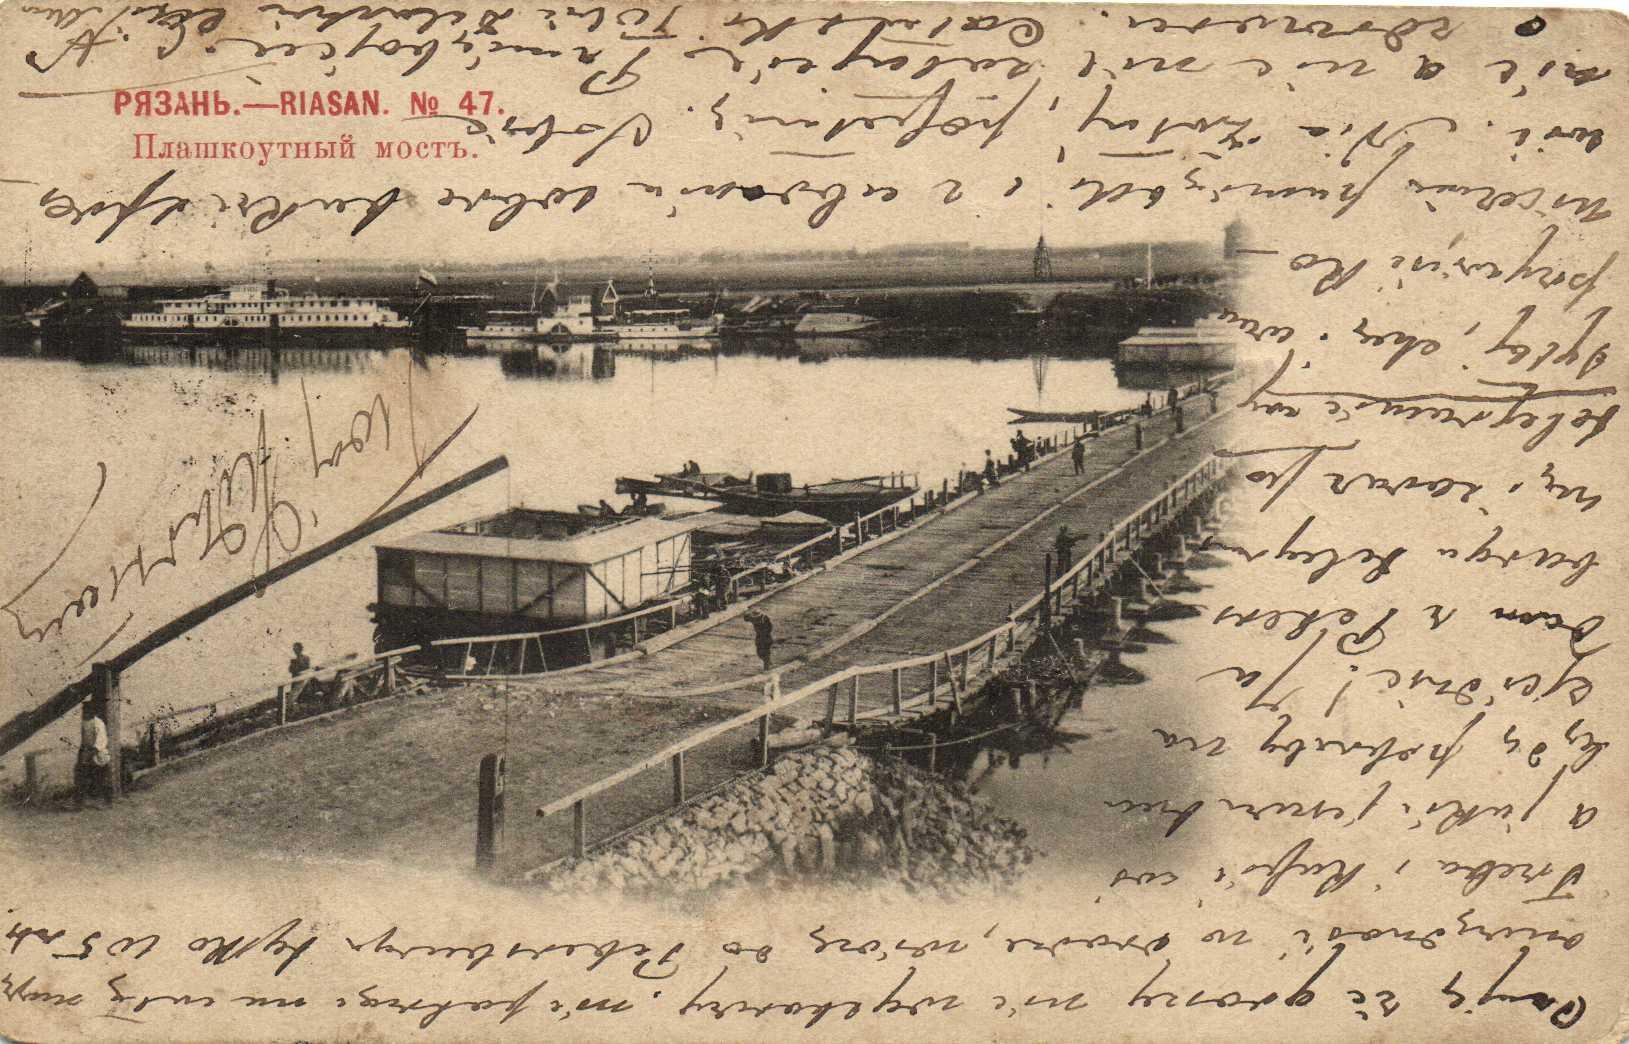 Плашкоутный мост